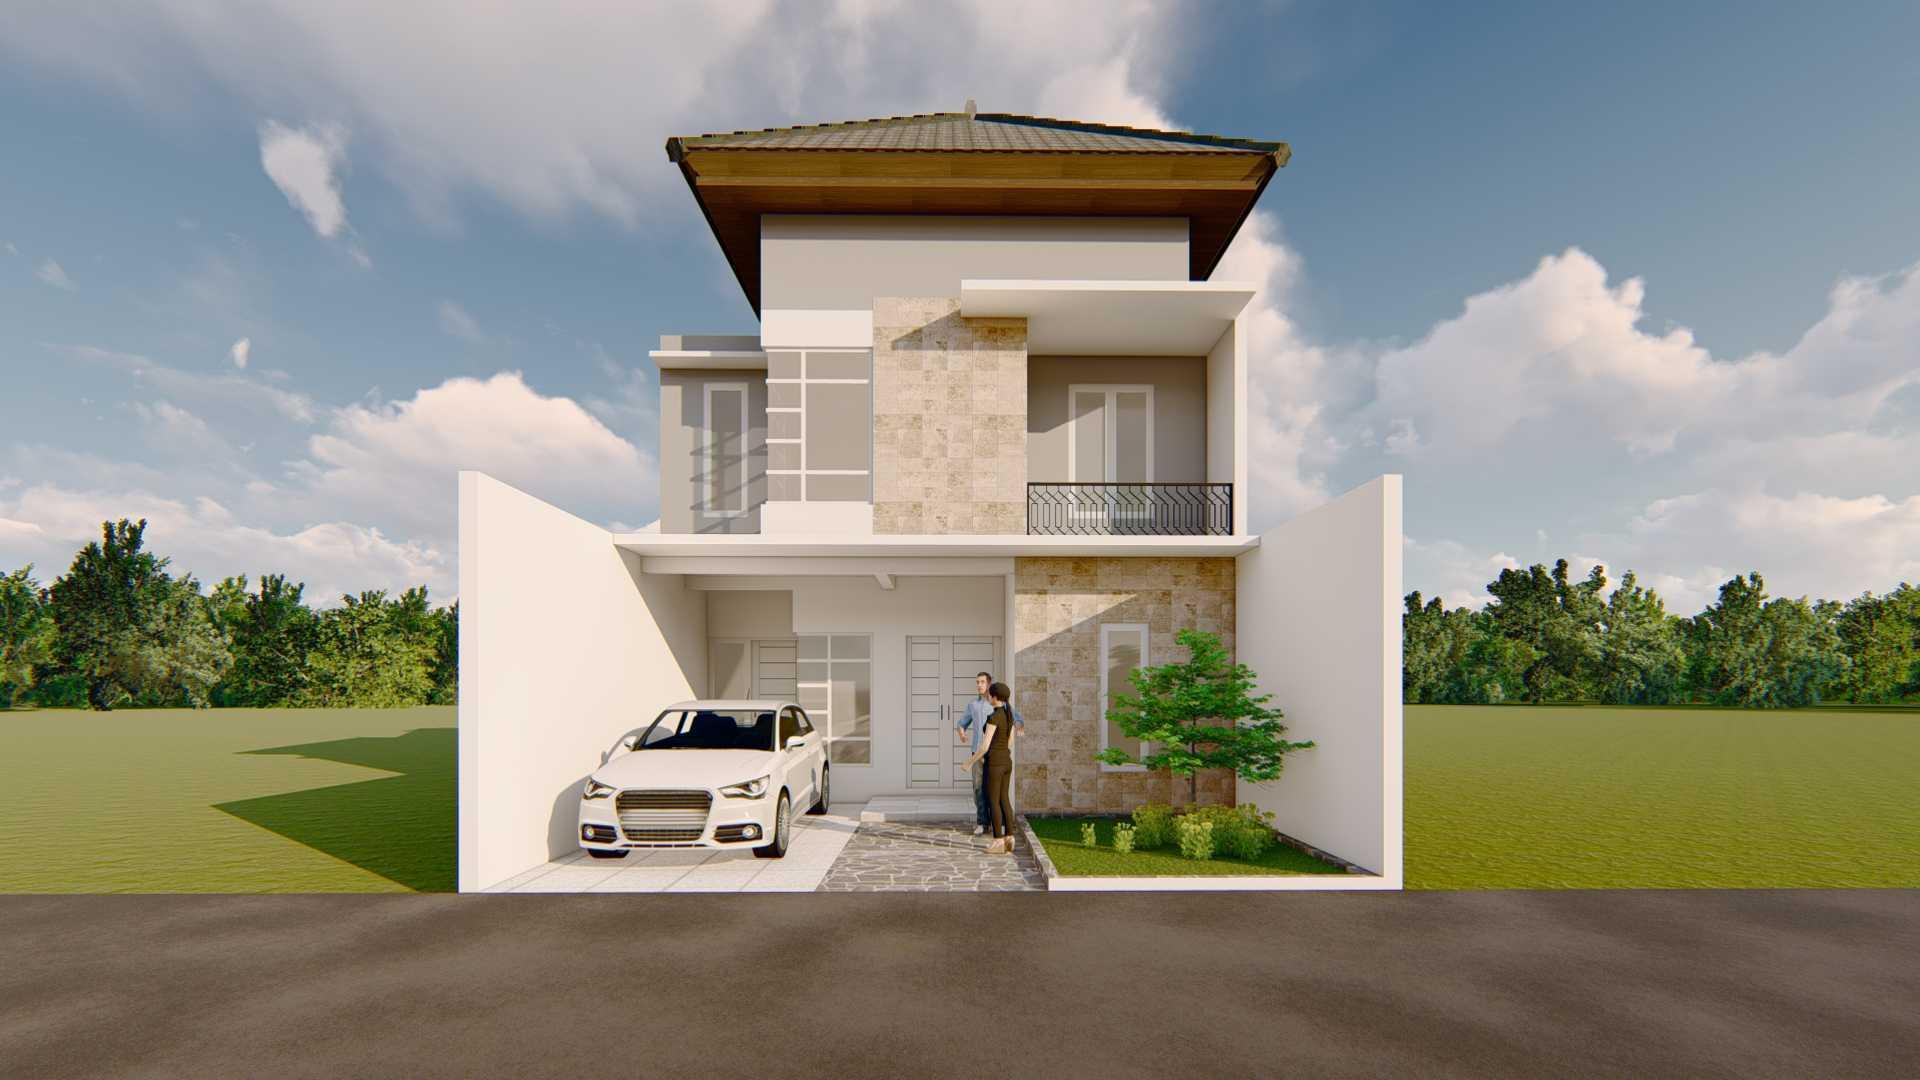 Astabumi Studio Sd House Tangerang Tangerang, Kota Tangerang, Banten, Indonesia Yogyakarta Cv-Astabumi-Manunggal-Prakarsa-Rumah-2-Lantai-Modern-Minimalis   119361